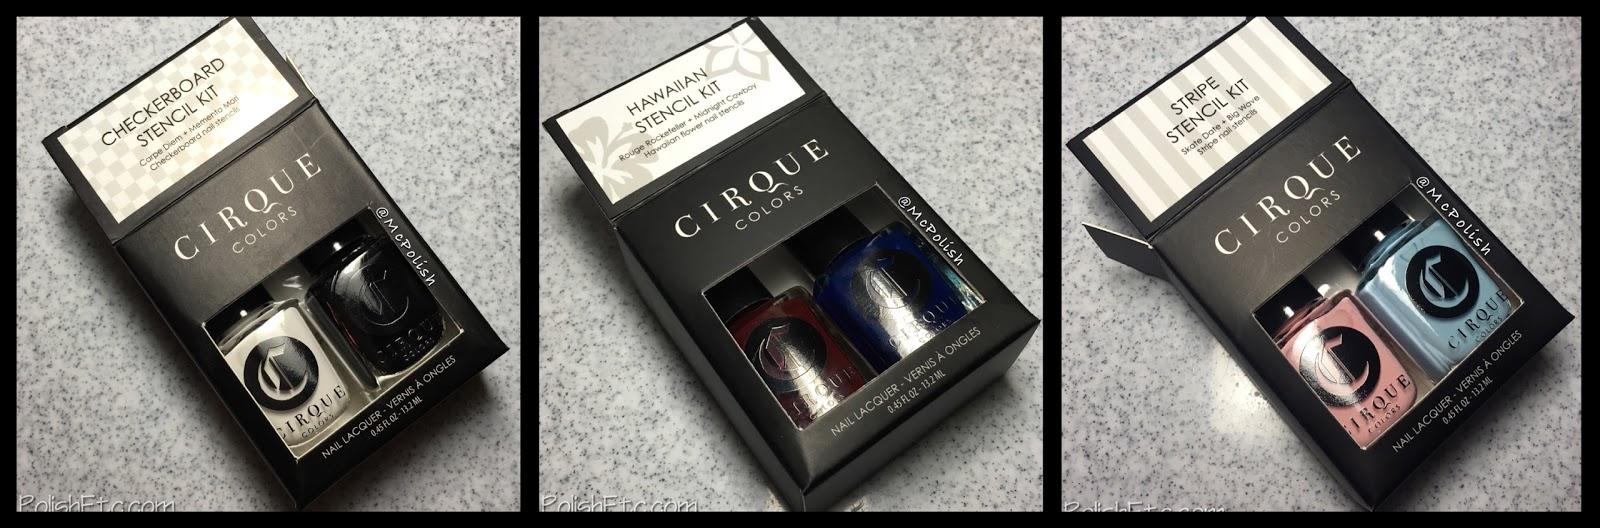 Cirque Colors - Nordstrom x Vans Pop-In Shop Nail Art Kits - Polish Etc.